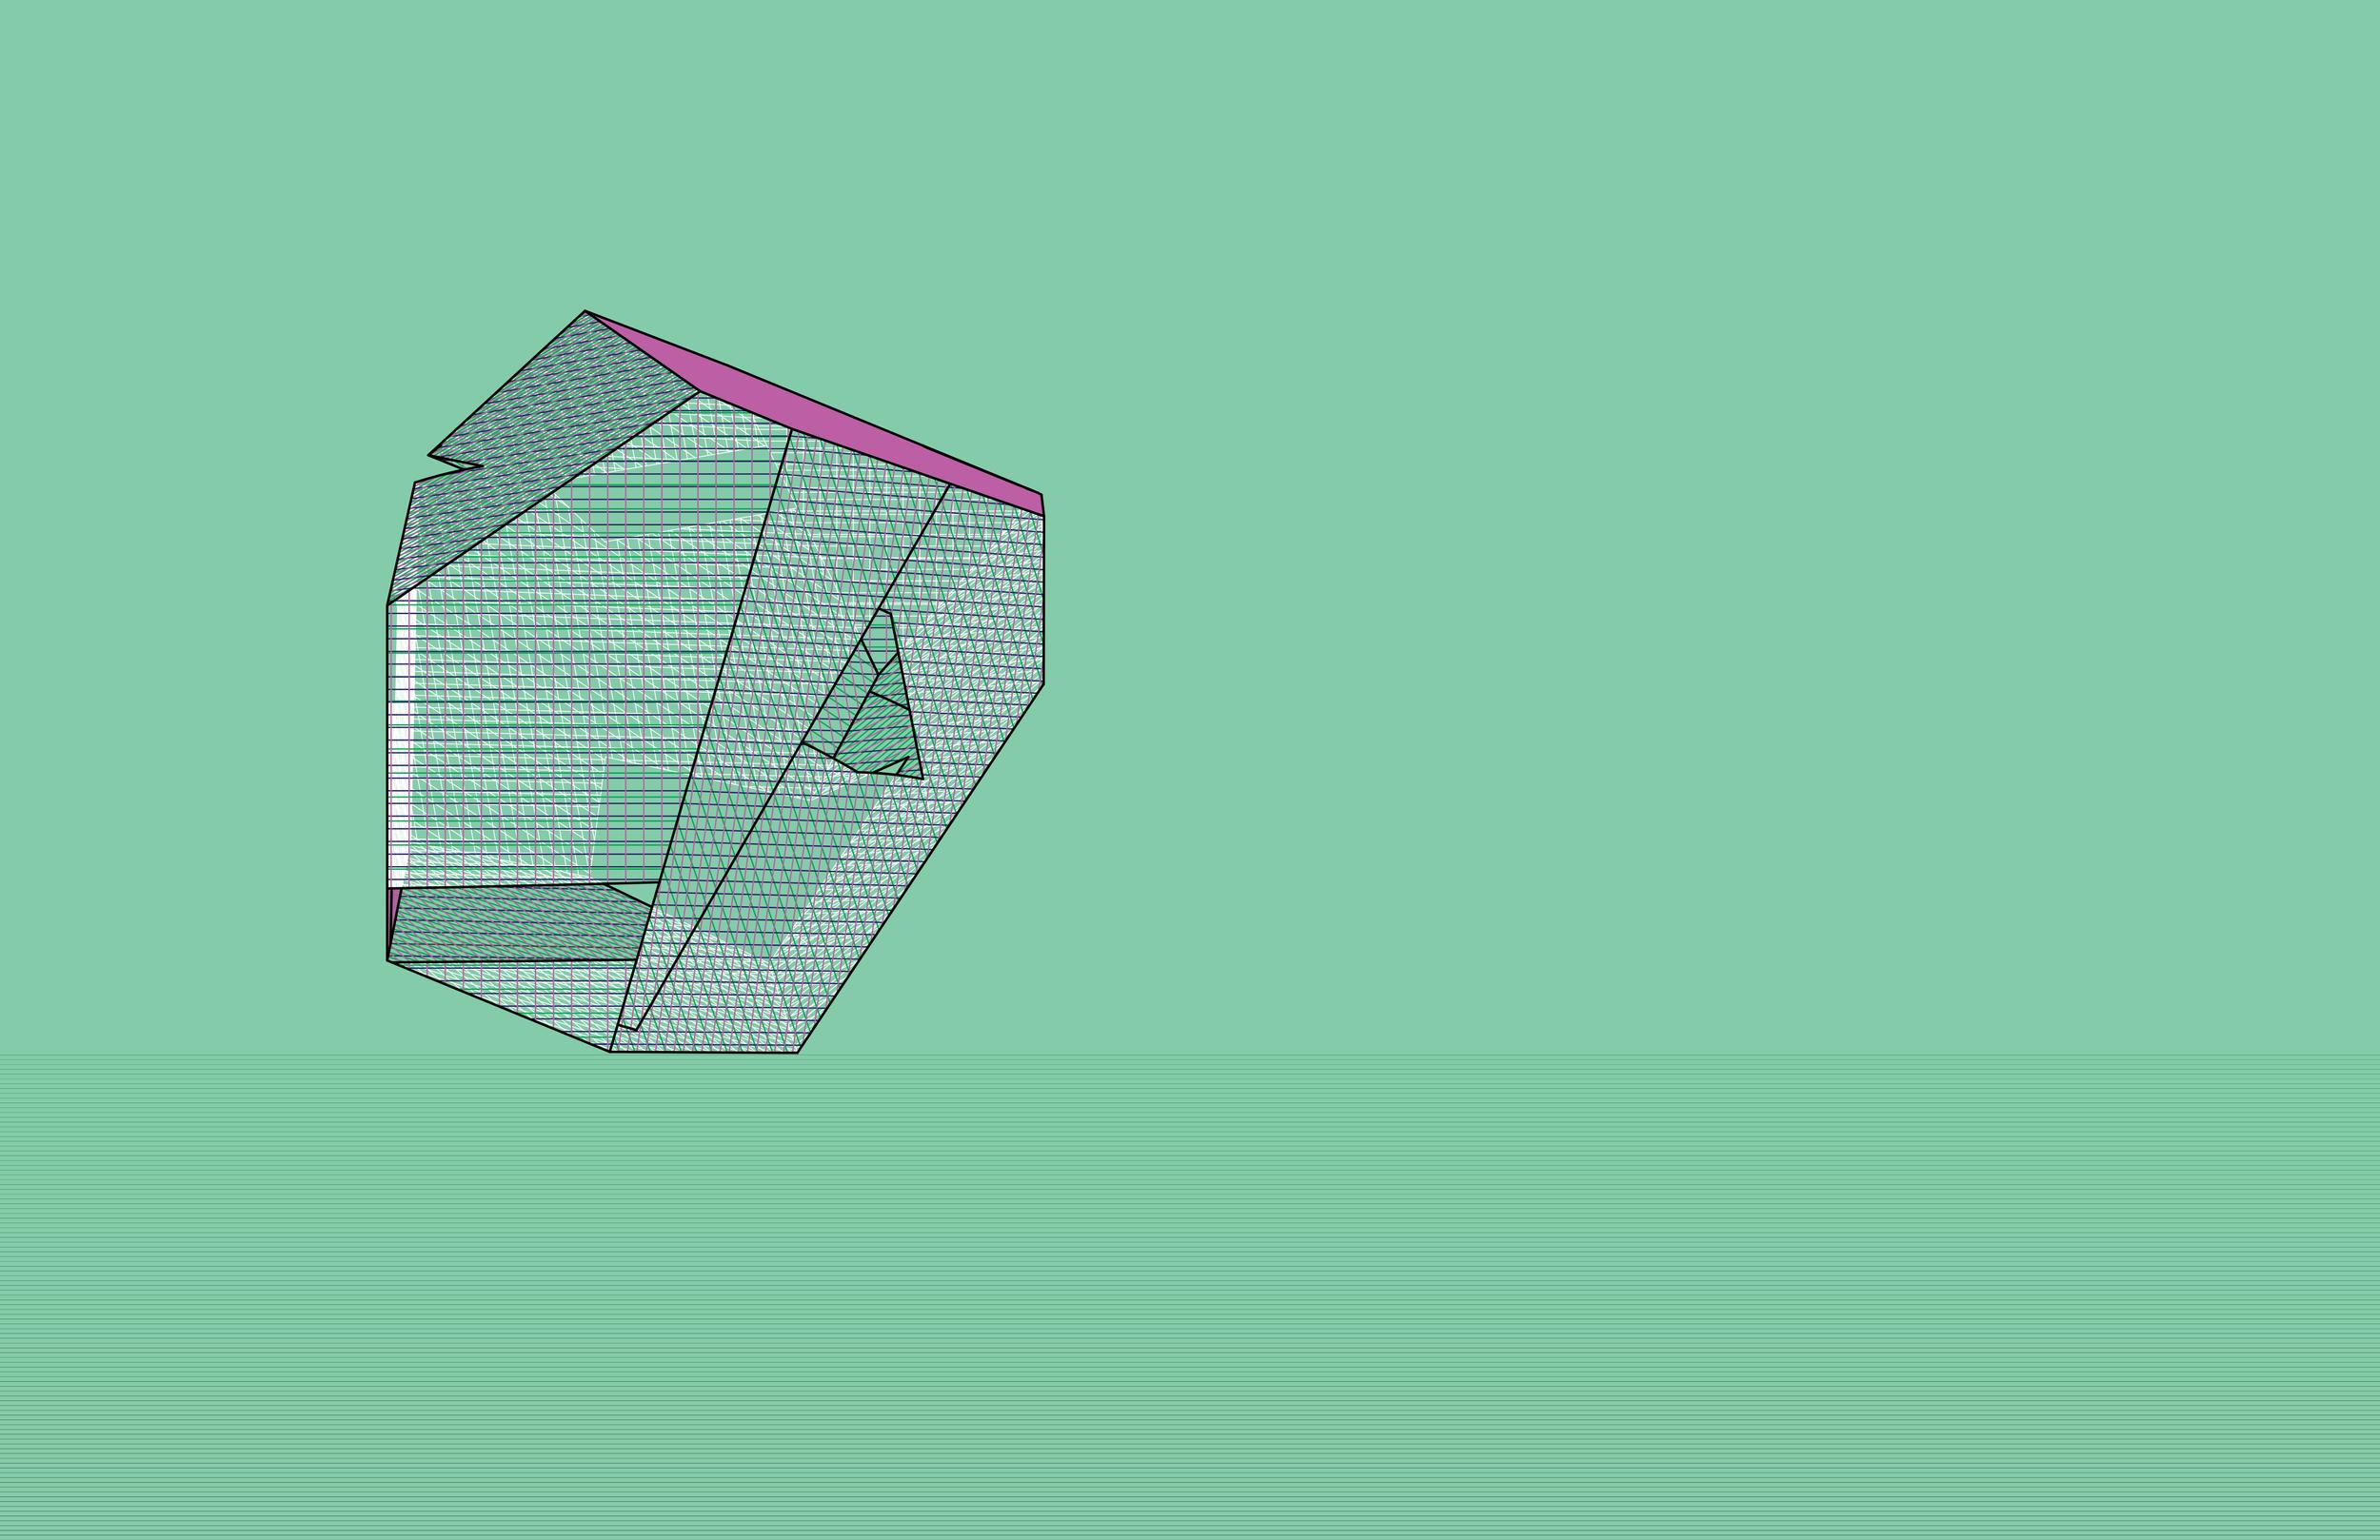 LA FORUM-Line Drawings_Mint-2.jpg